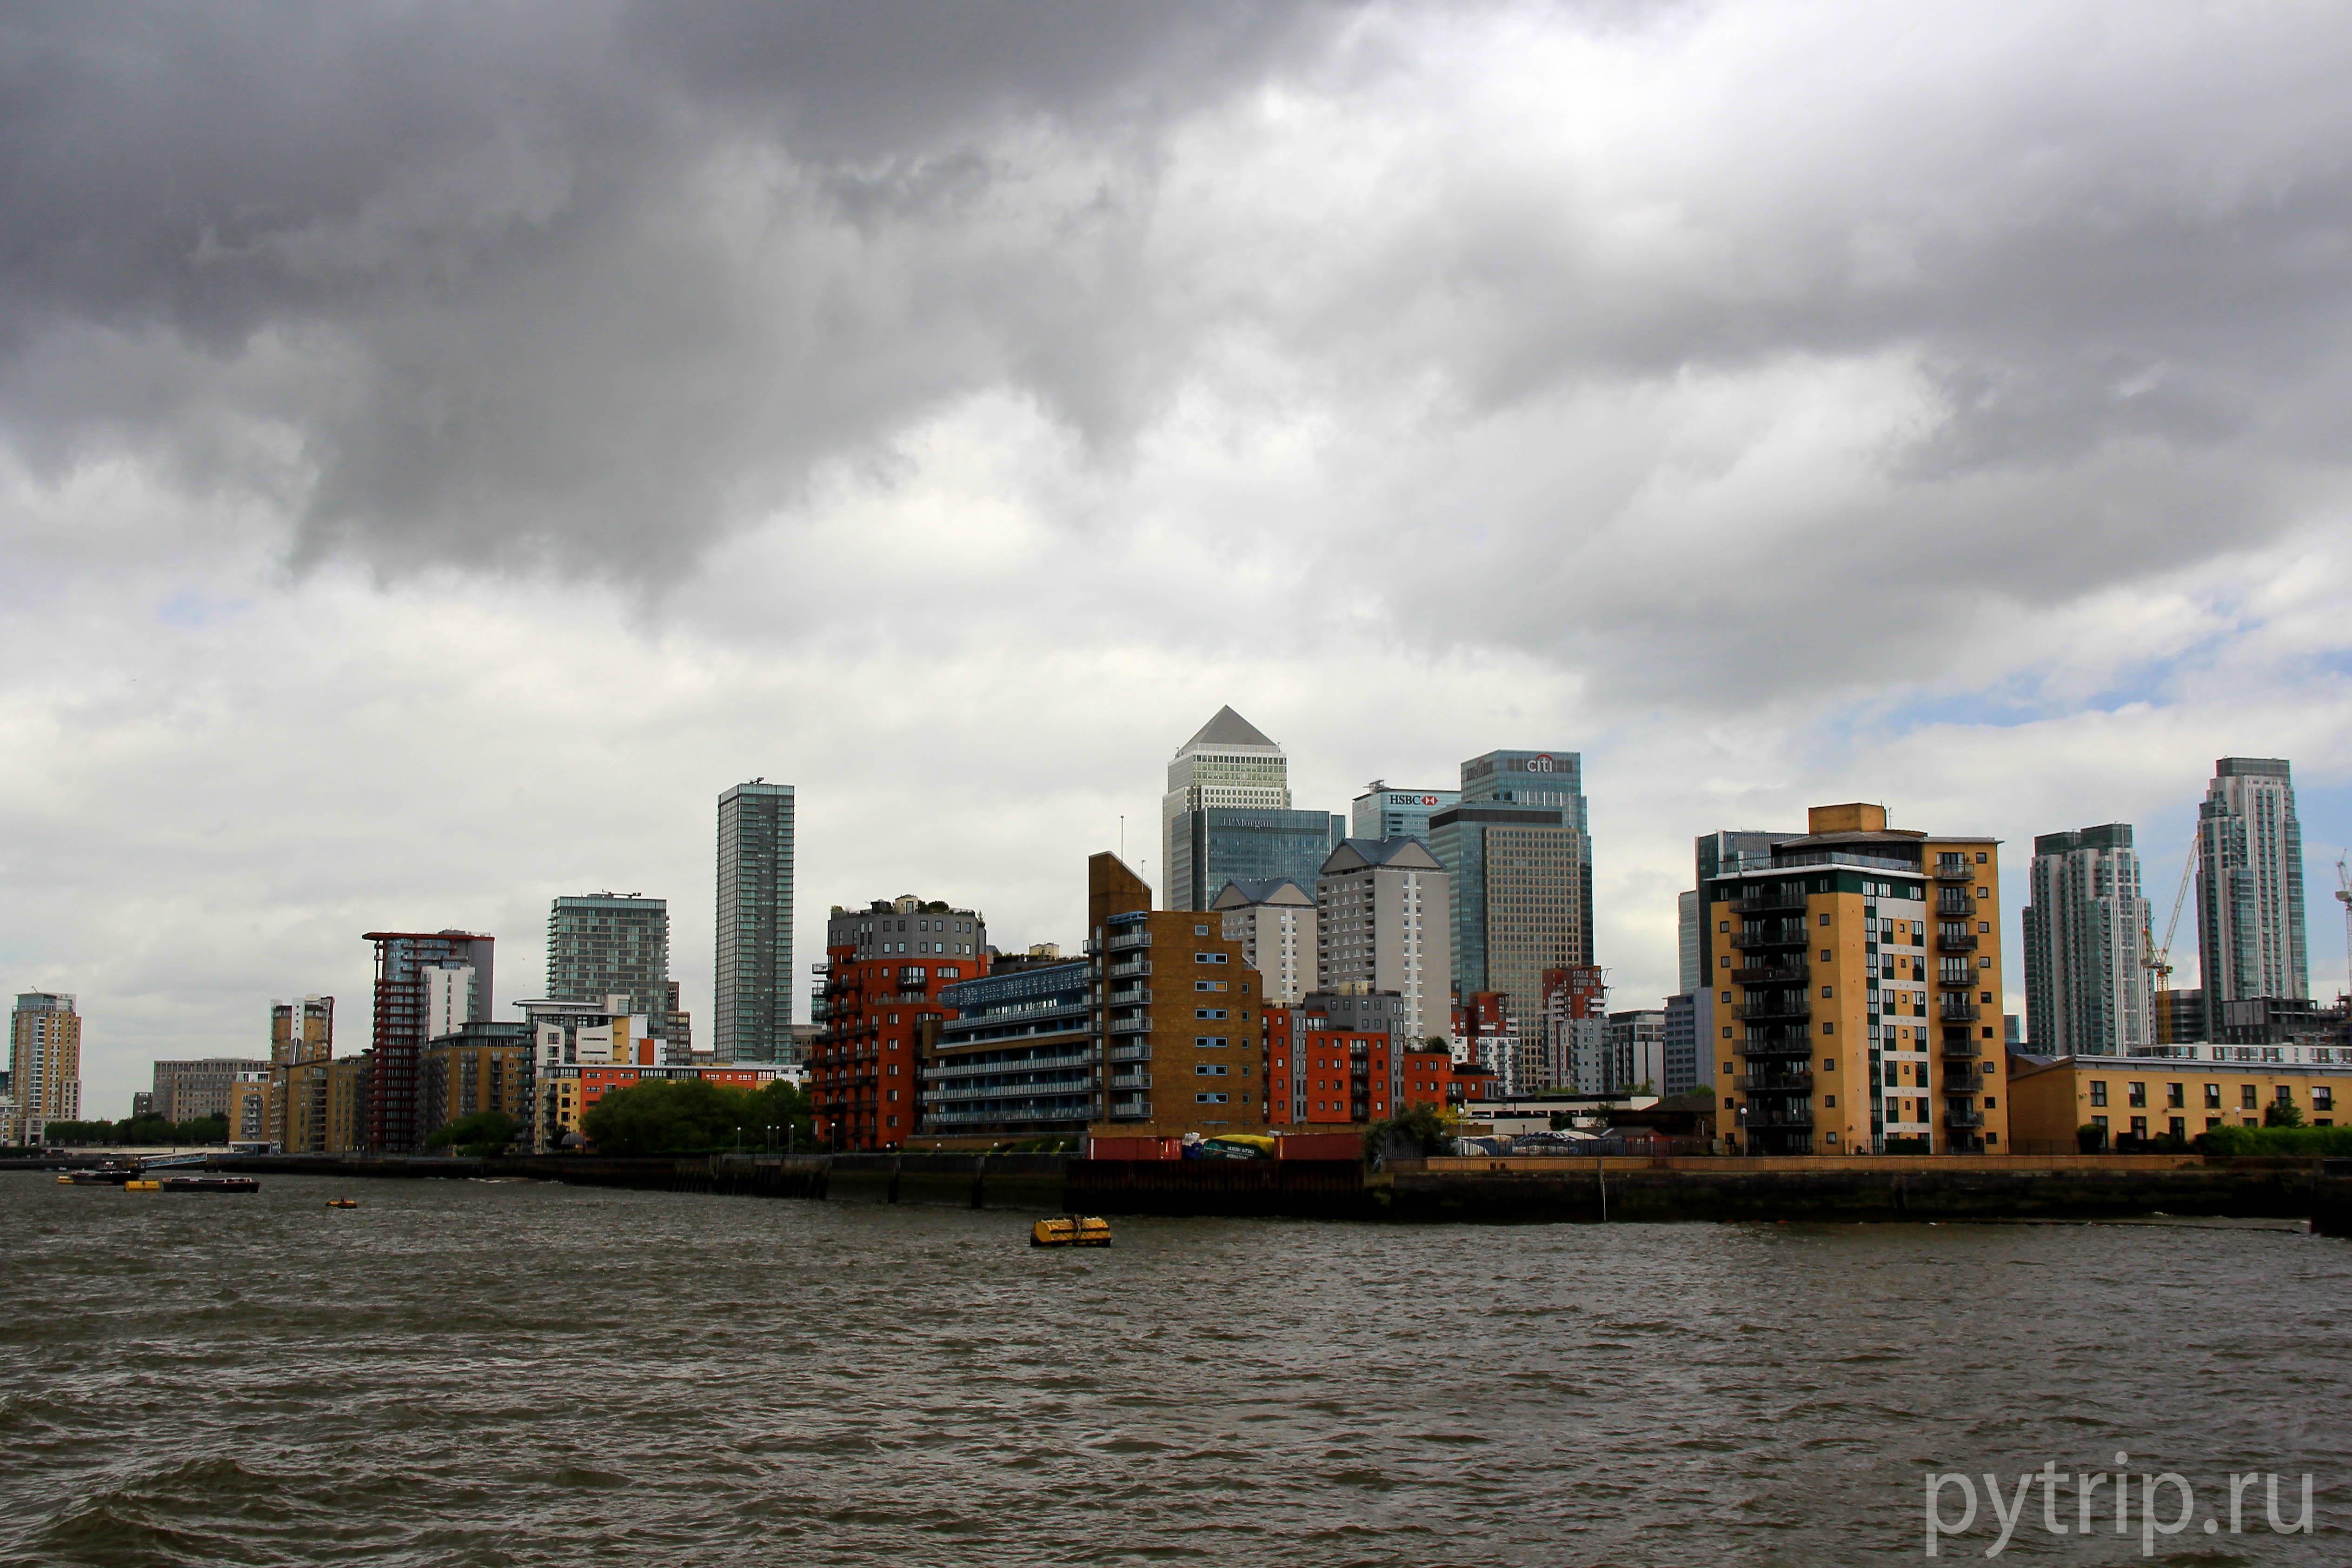 Этот район составляет конкуренцию старейшему району Лондона - Сити.